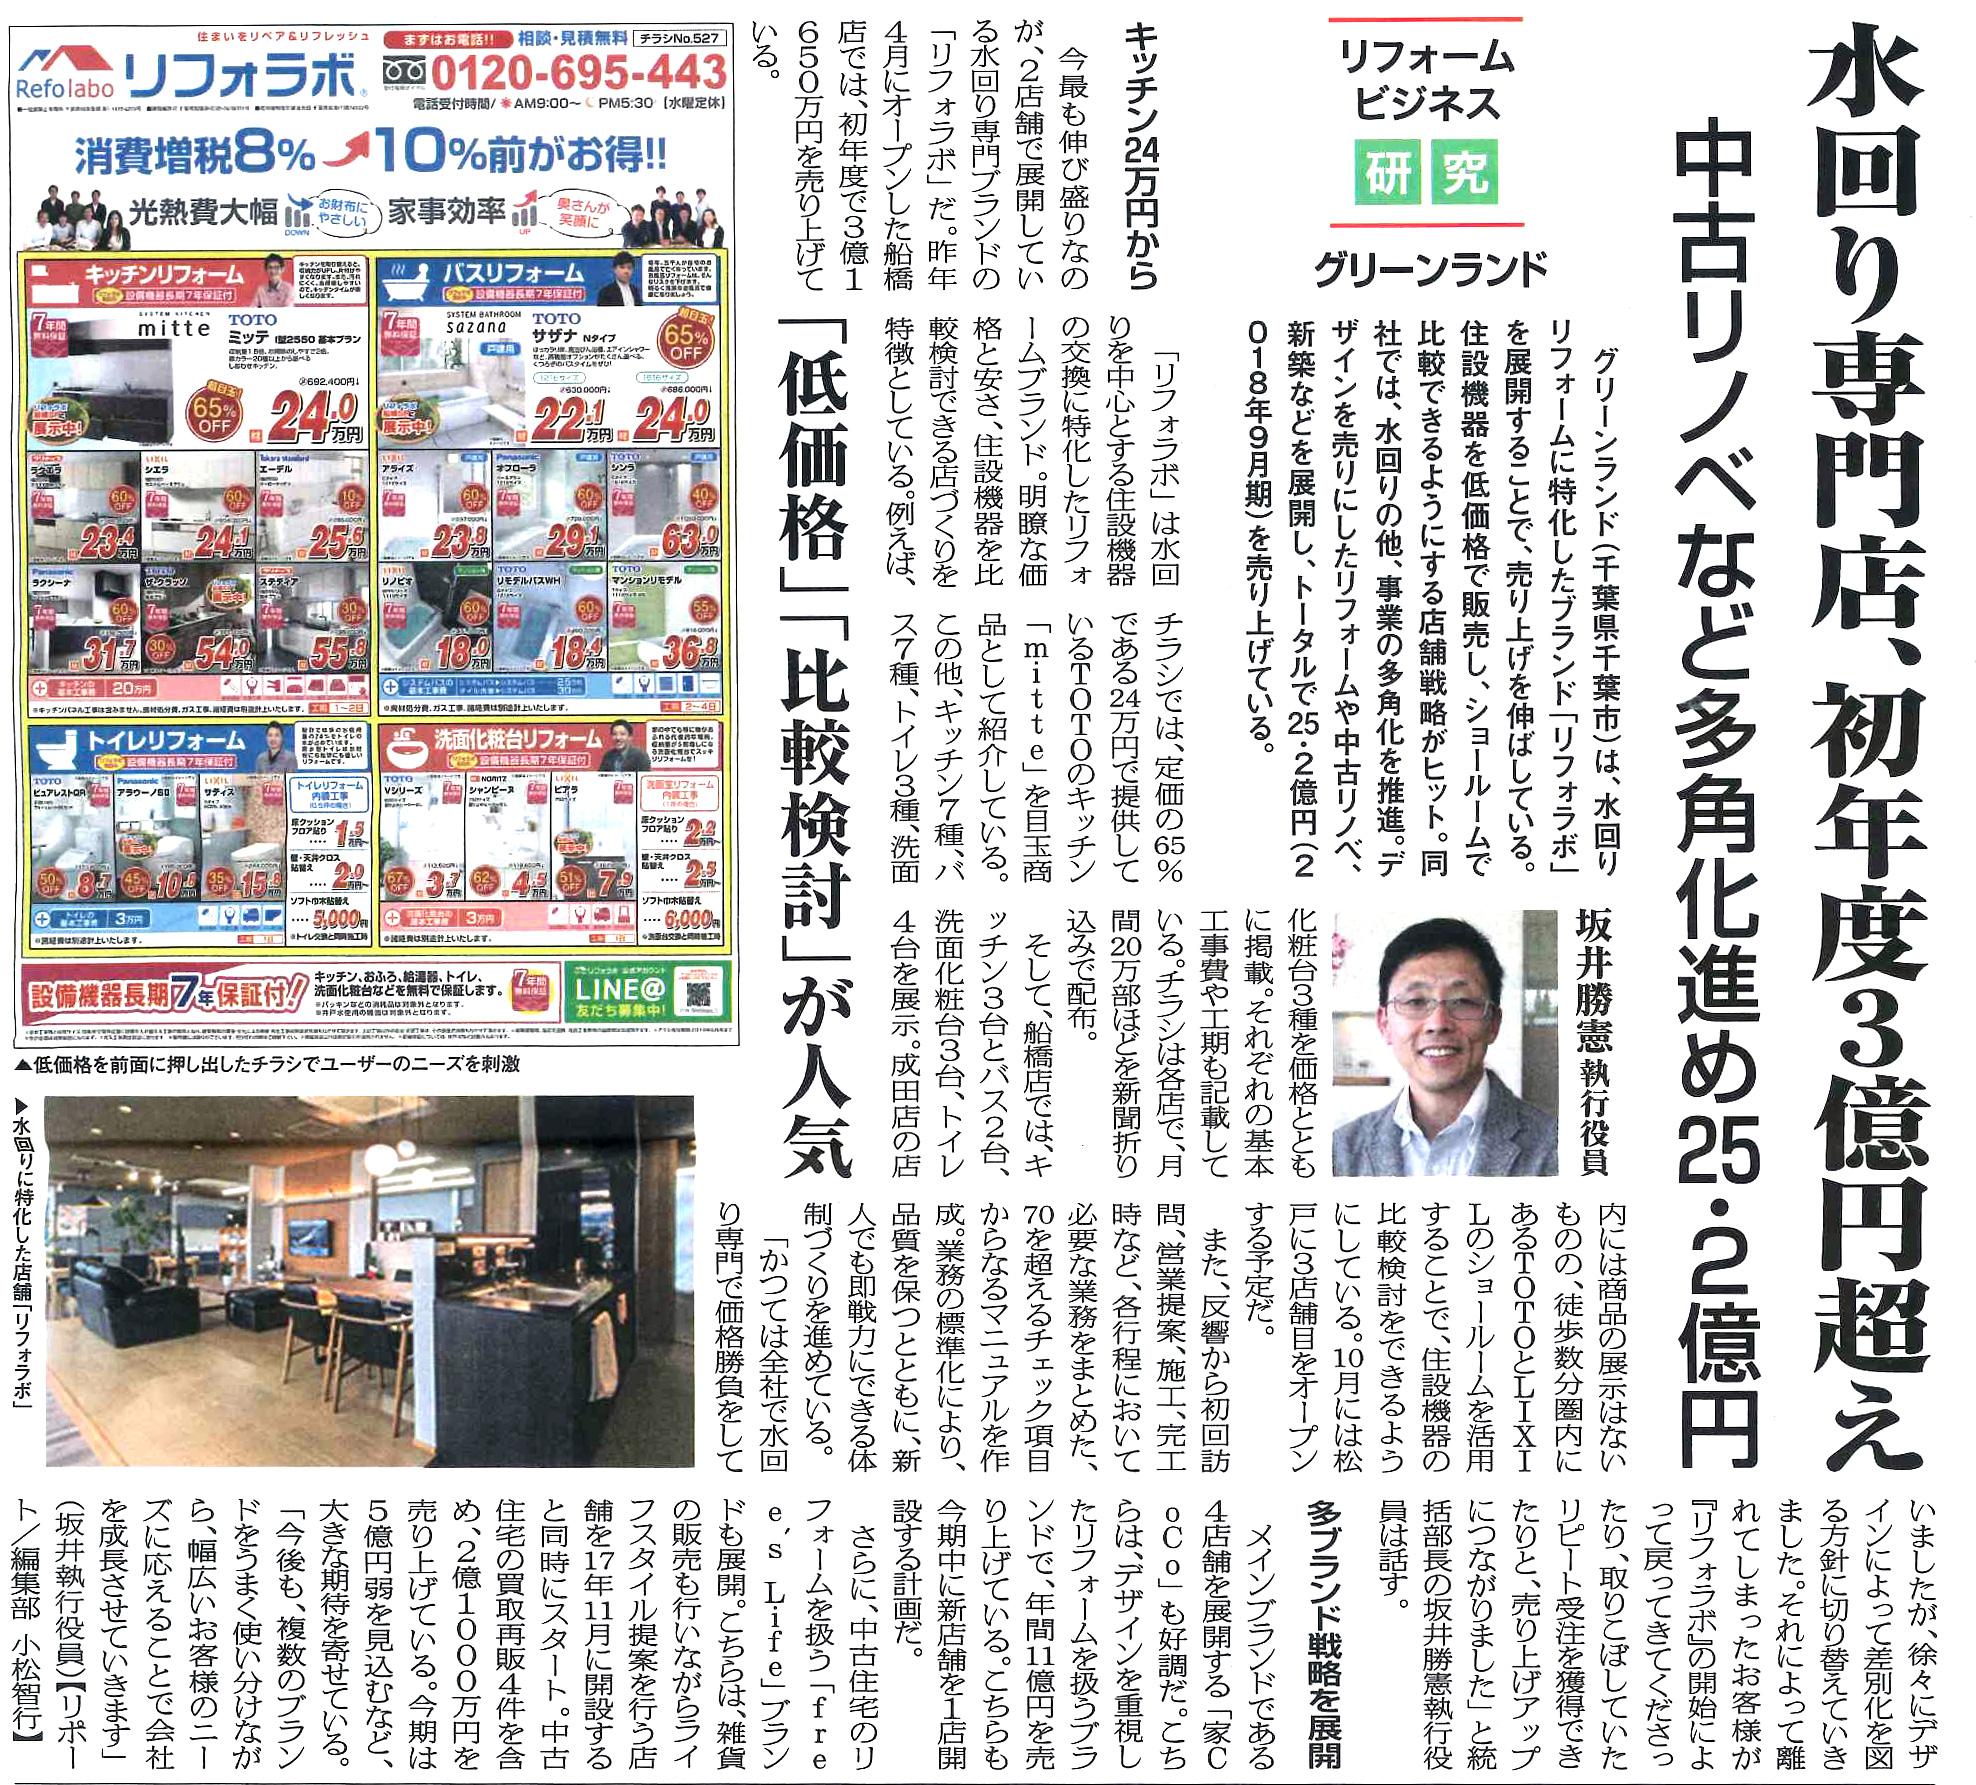 【掲載情報】リフォーム産業新聞に掲載されました